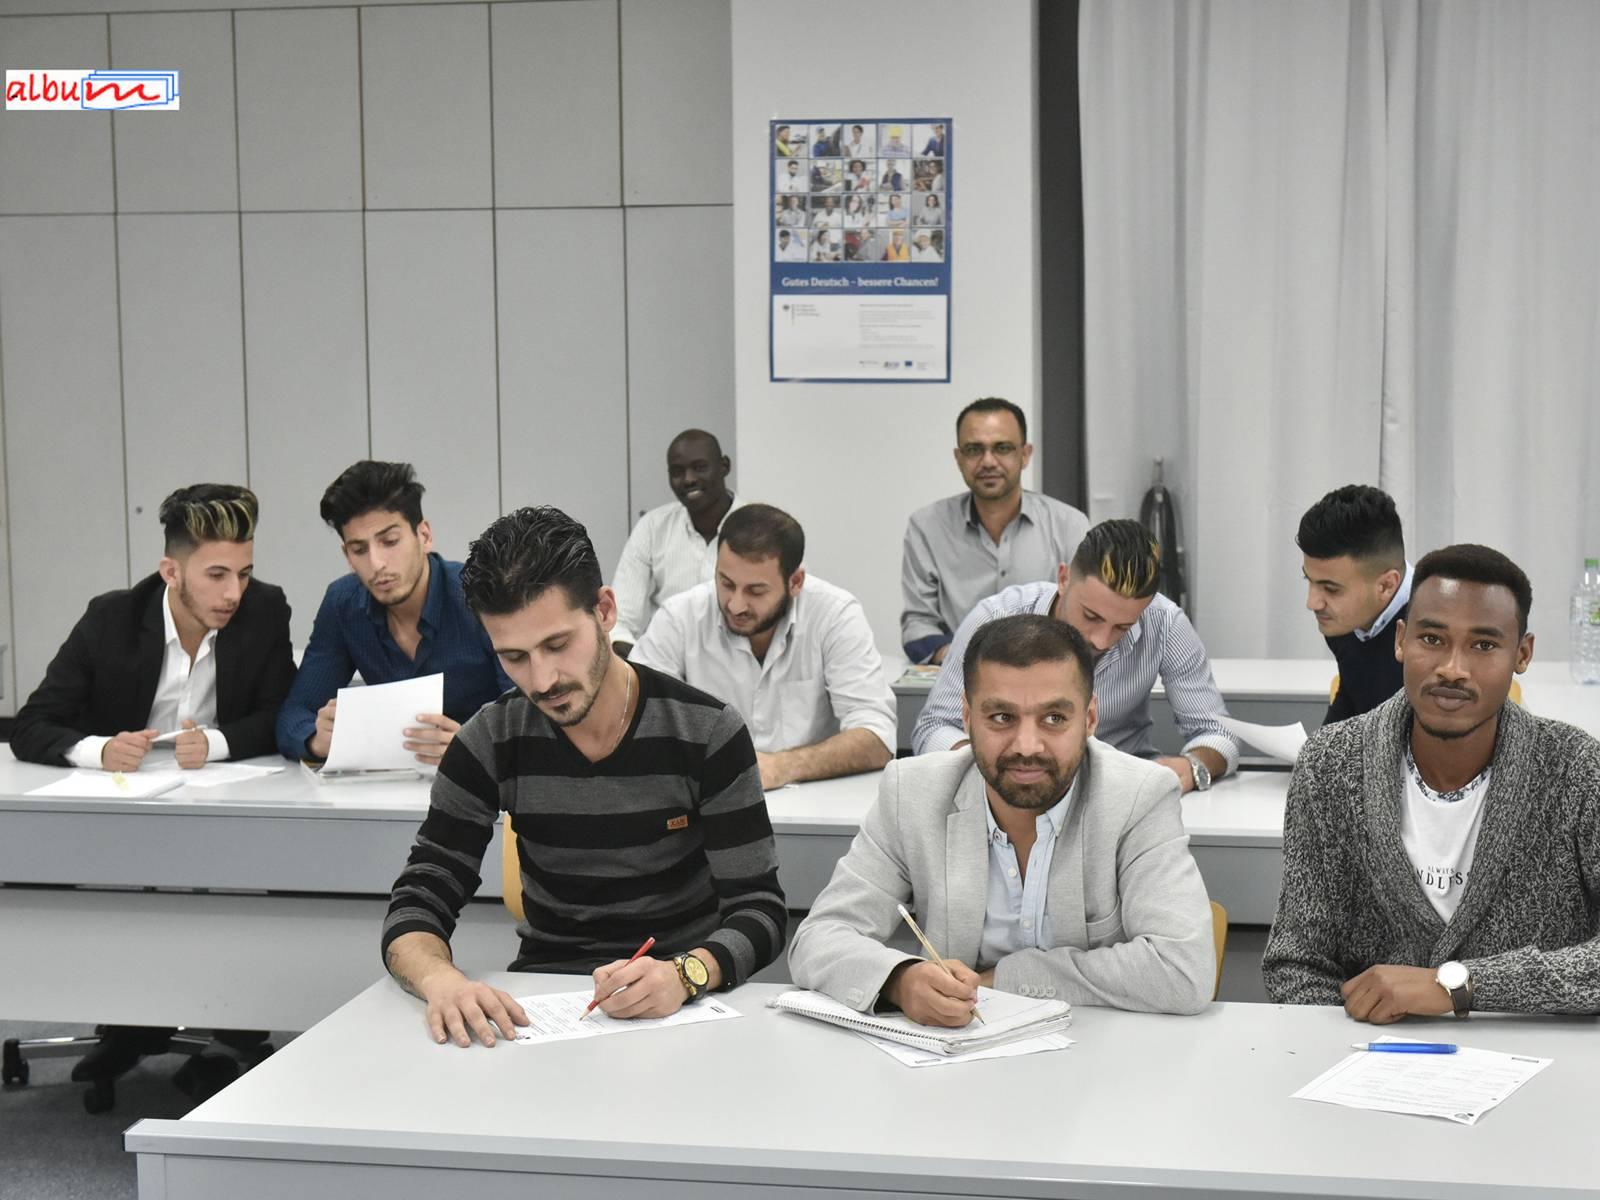 Zehn junge Männer sitzen an Tischen in einem Unterrichtsraum und lösen Aufgaben.